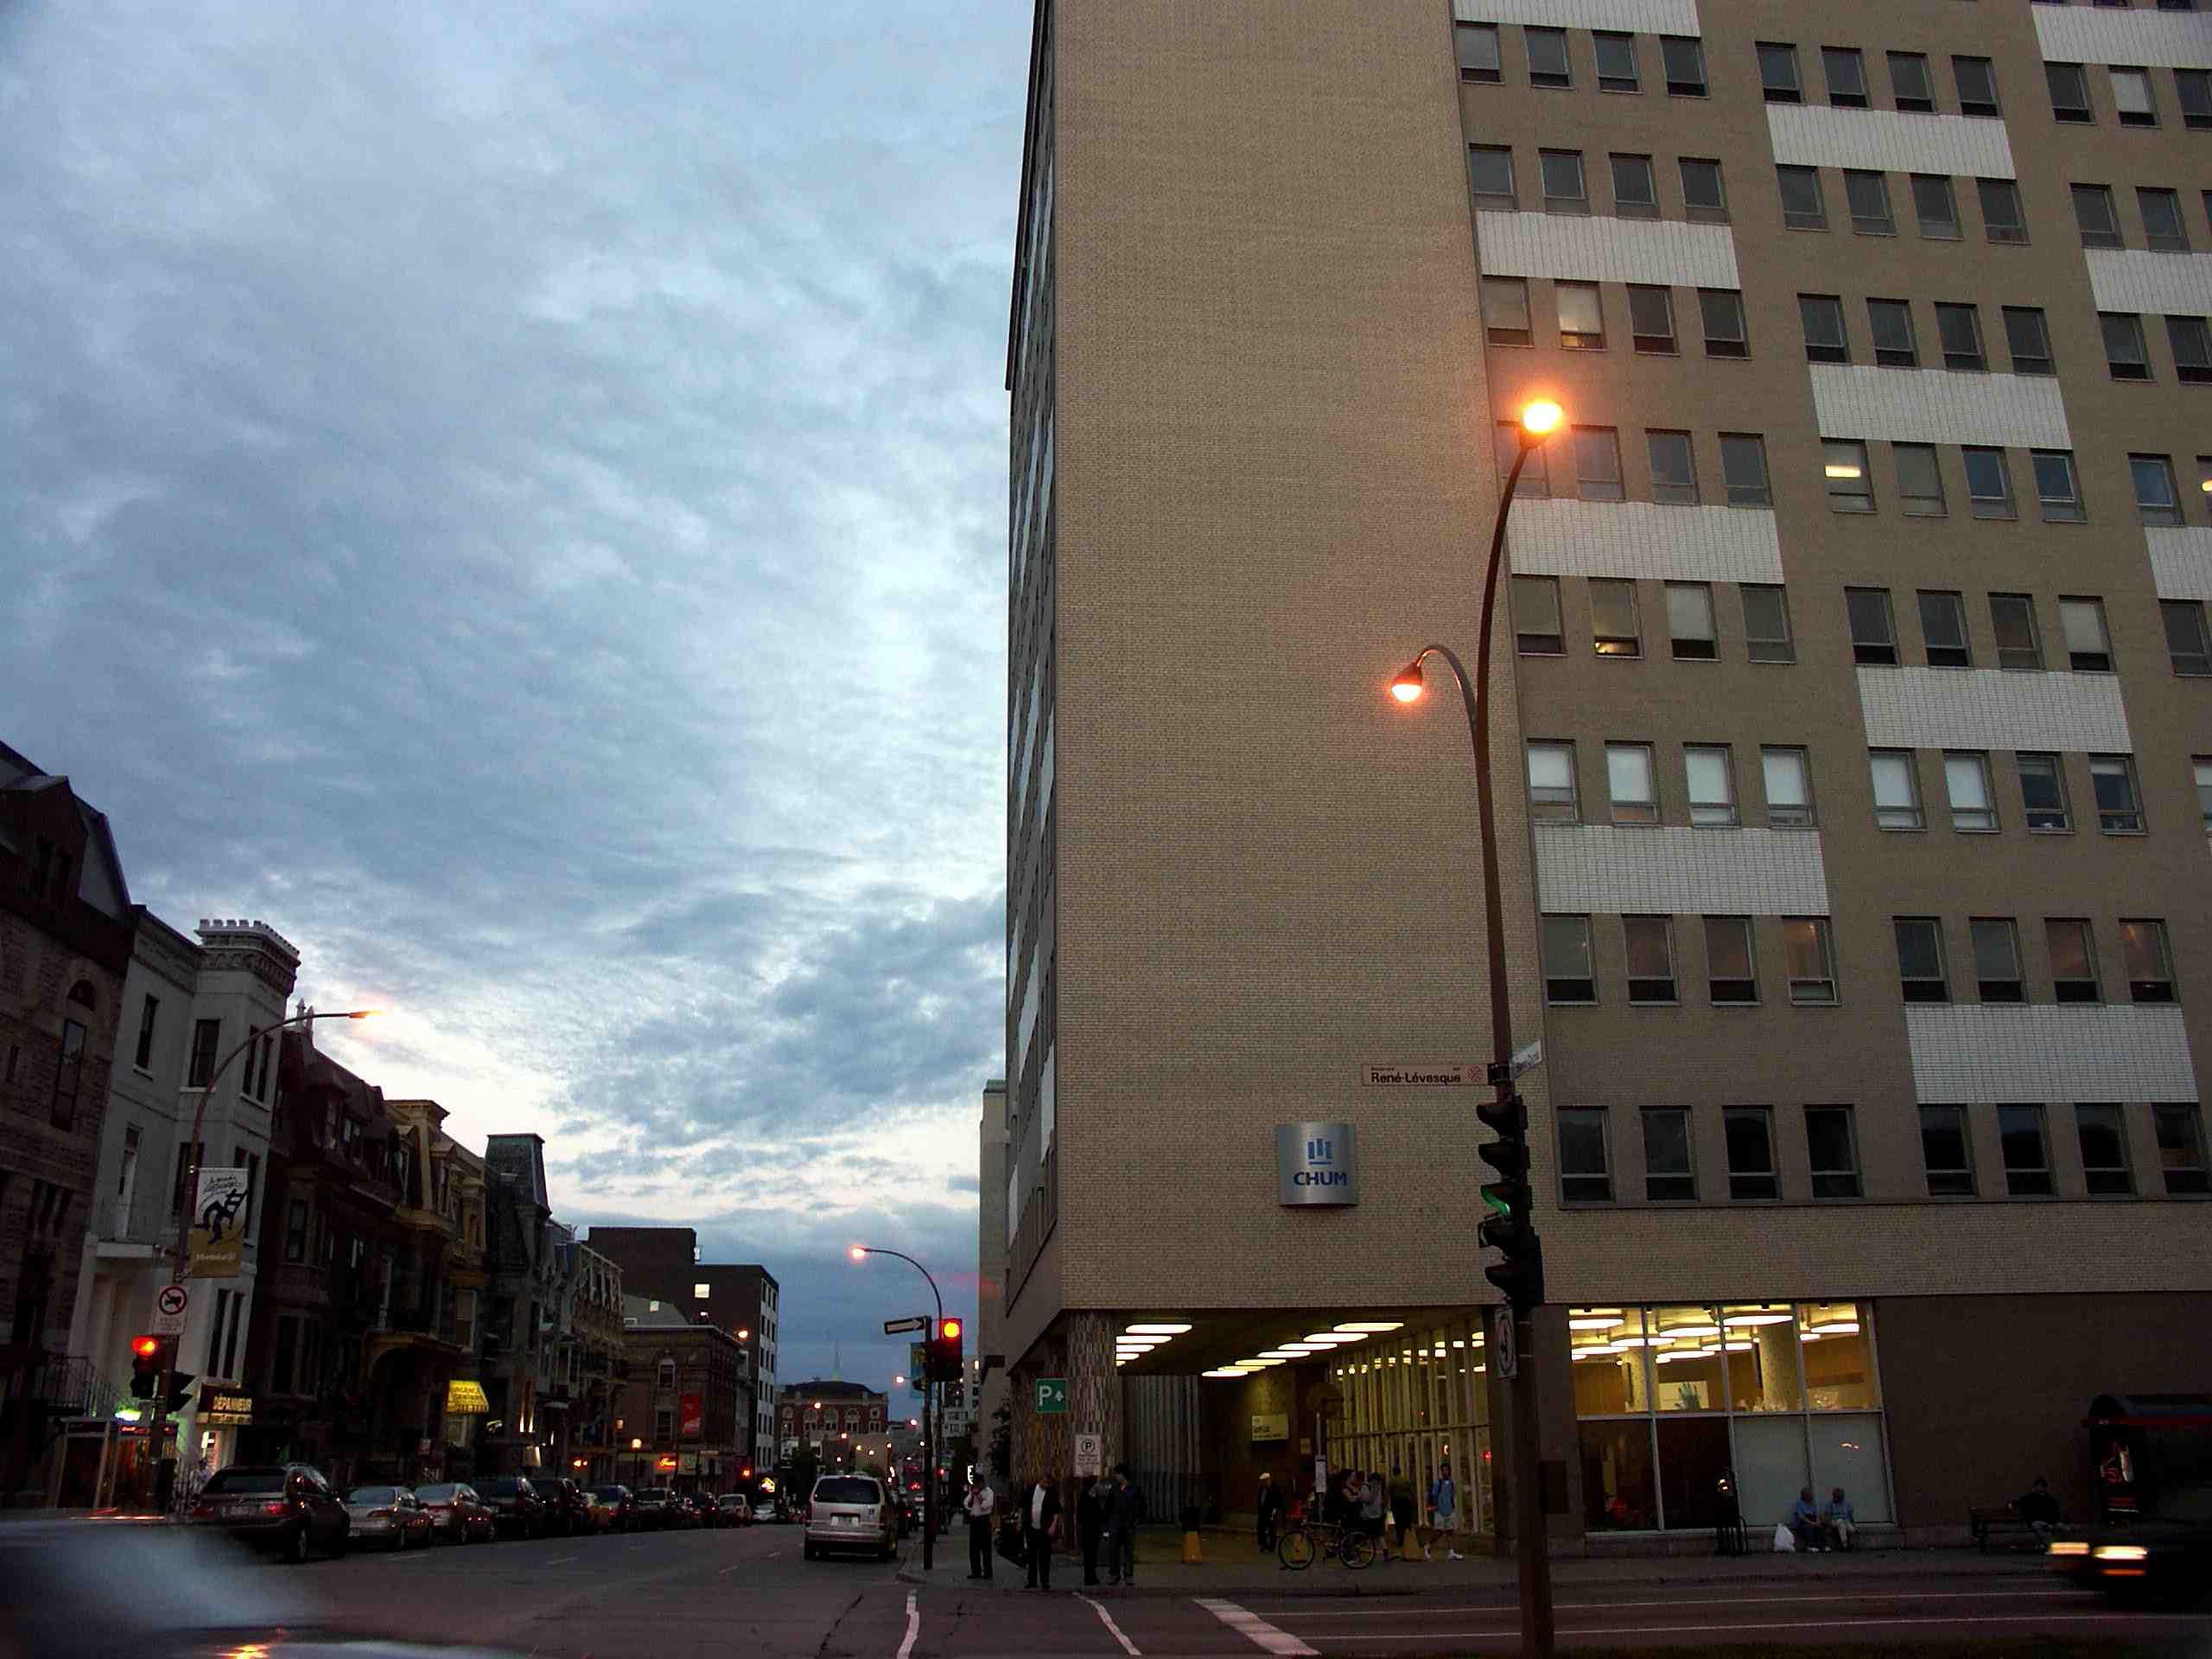 Hôpital Saint-Luc - Wikipedia